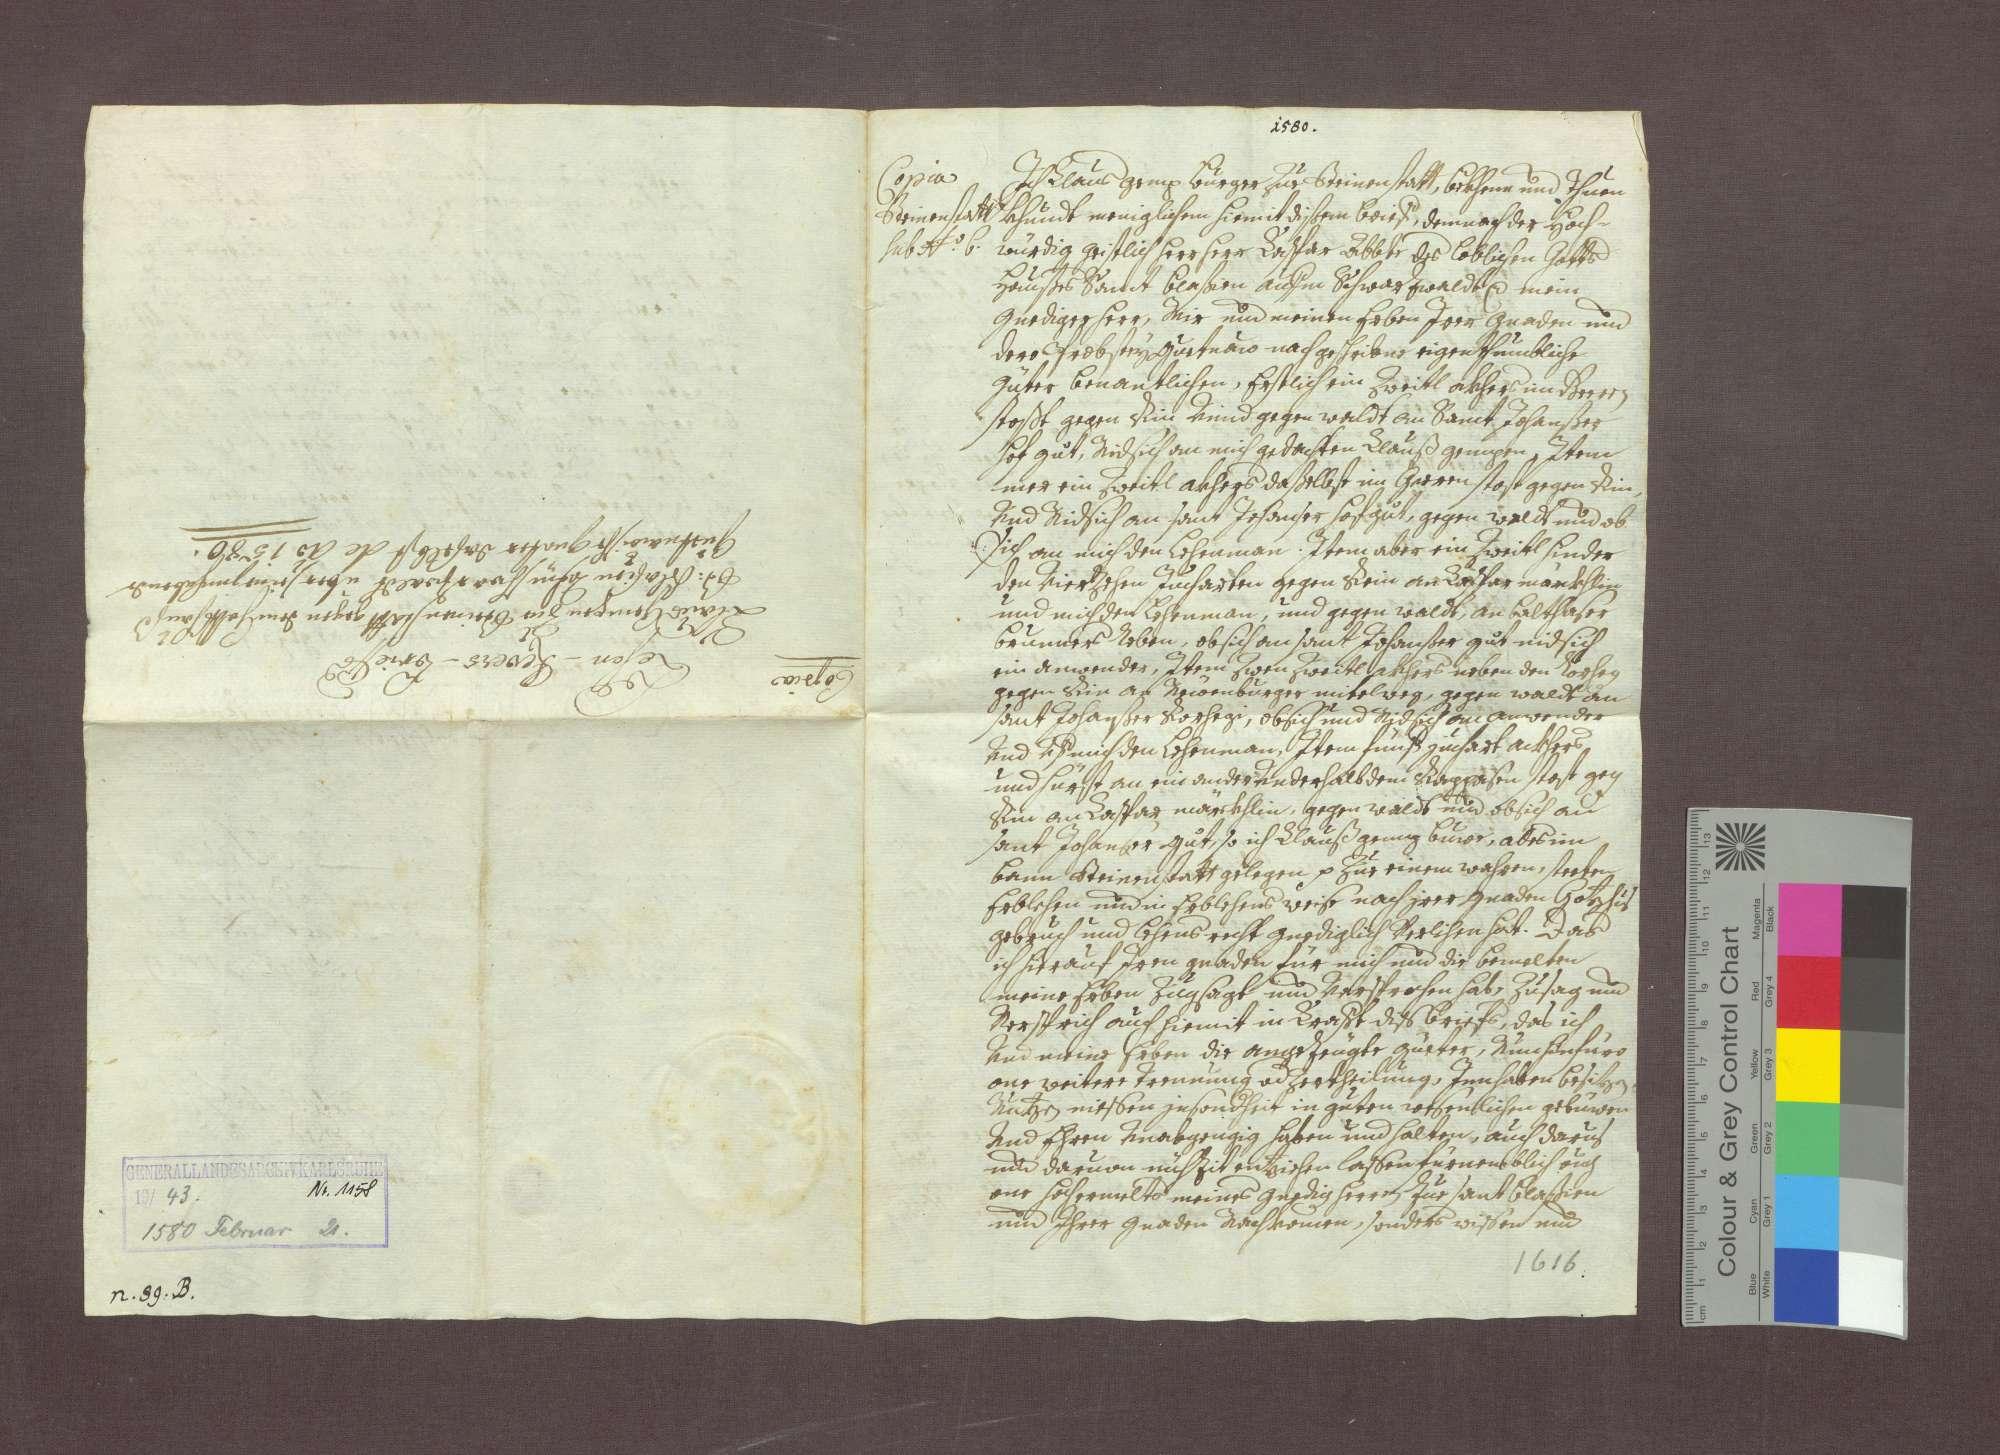 Lehnrevers des Klaus Ganz zu Steinenstadt gegenüber der Abtei St. Blasien., Bild 1